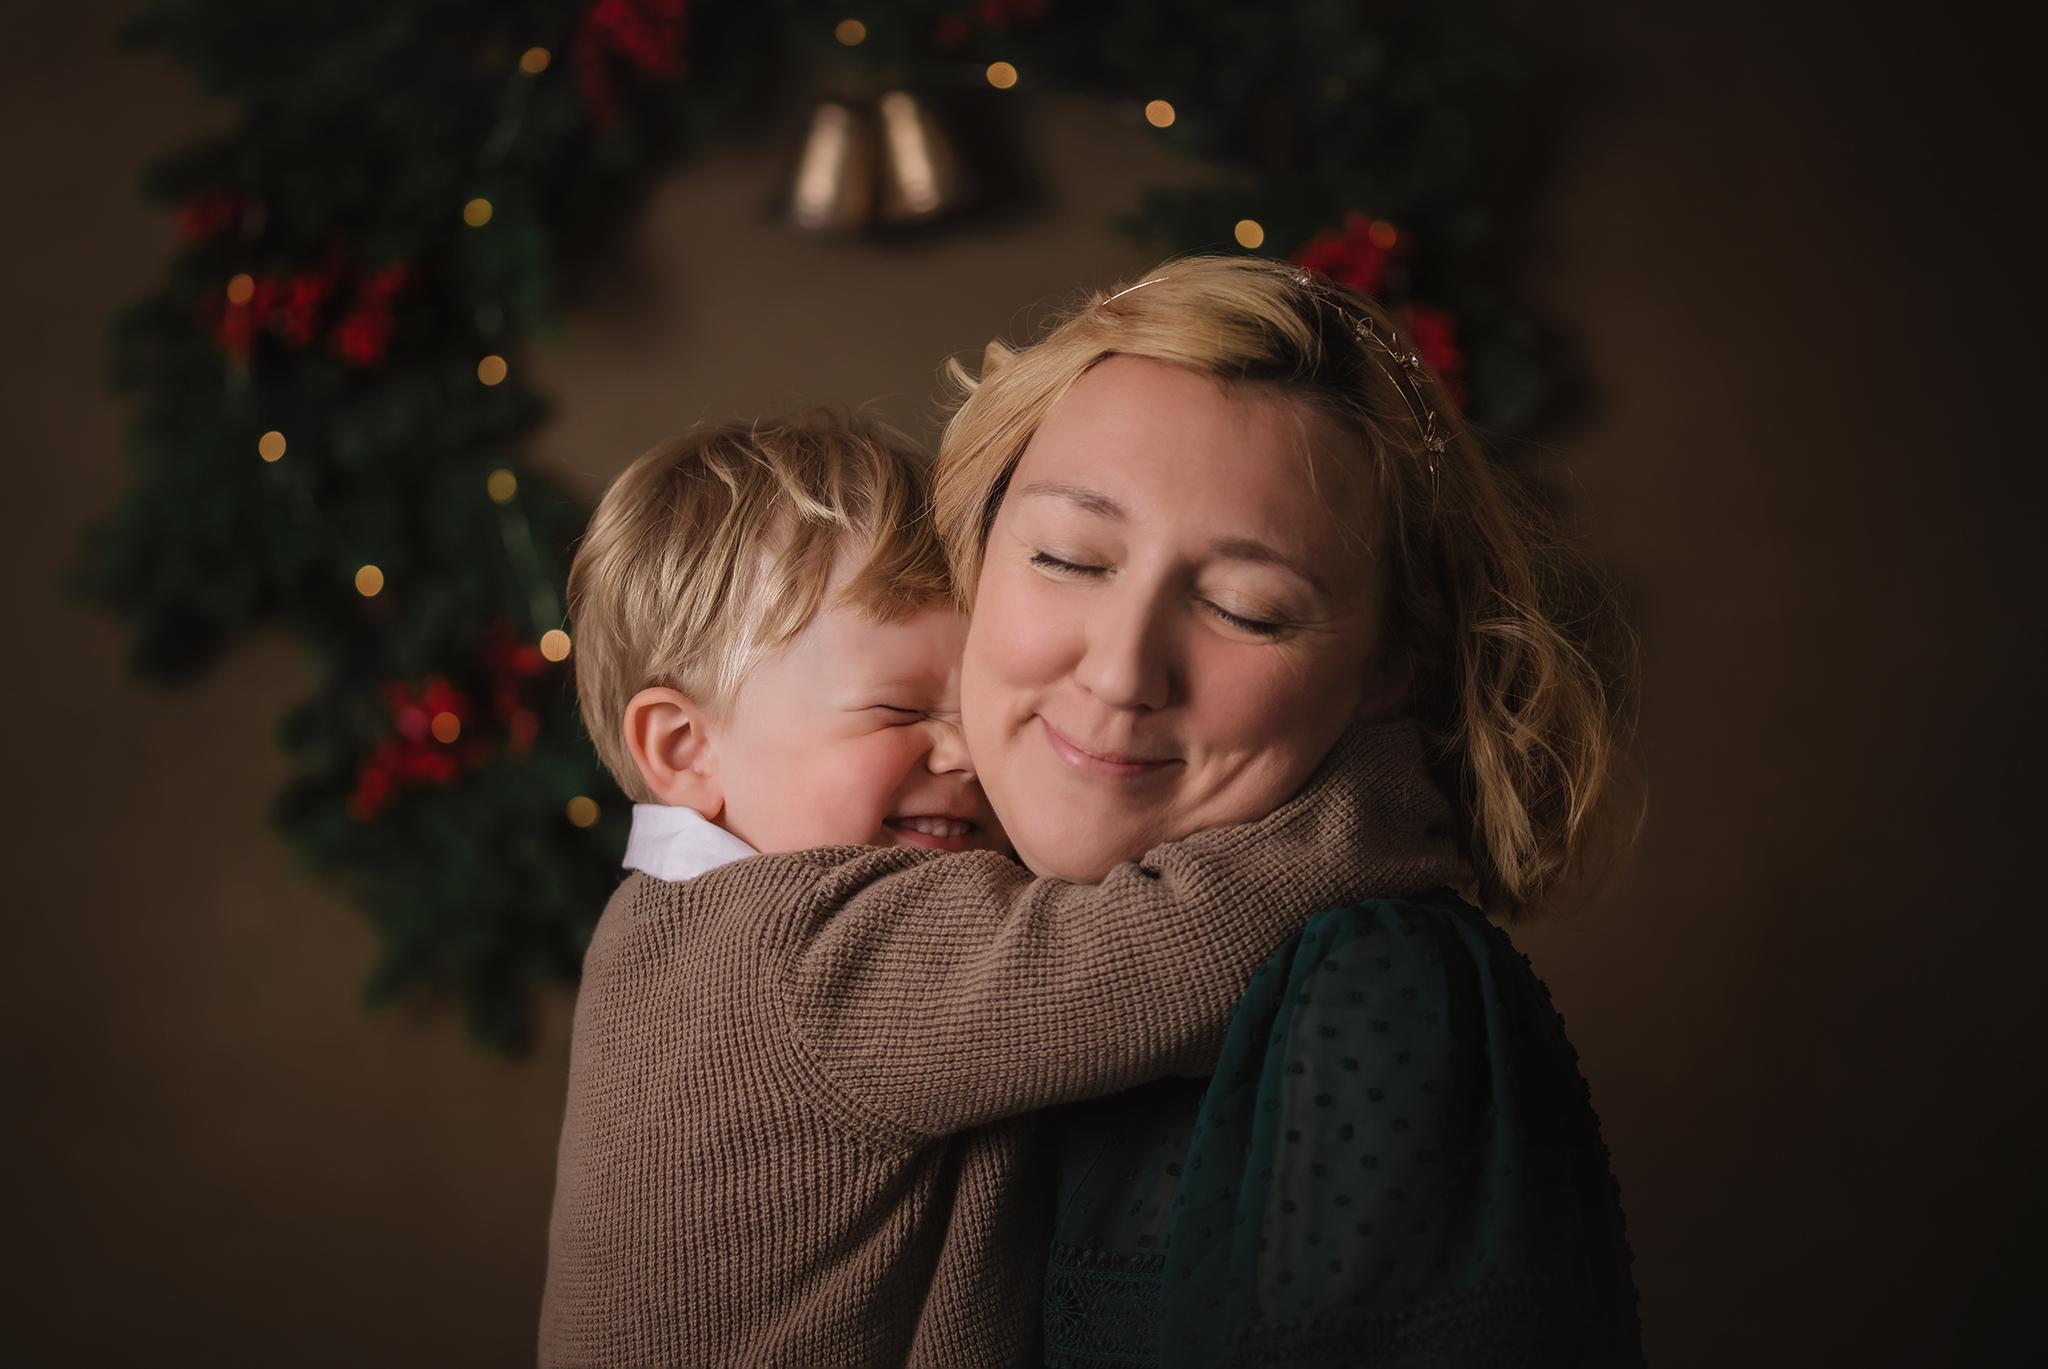 Gniewuś-fotografia-noworodkowa-gdynia-gdańsk-trójmiasto-sopot-sesja-zdjęciowa-noworodkowa